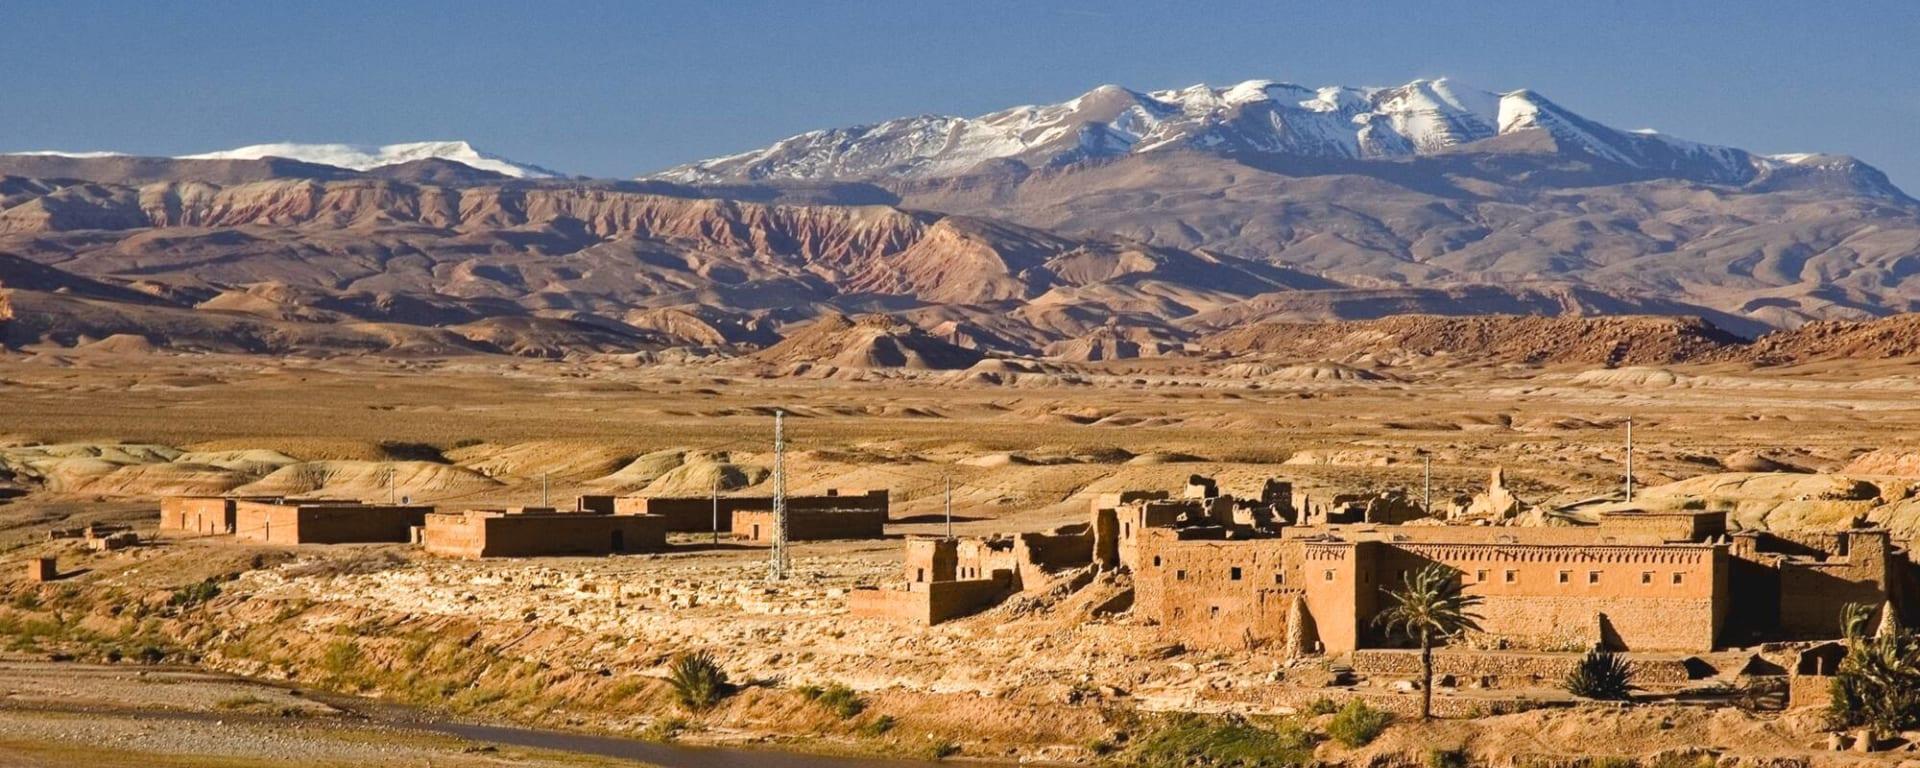 Südmarokko - Atlas & Wüste ab Marrakesch: Ksar zwischen Ouarzazate und Ait Benhaddou